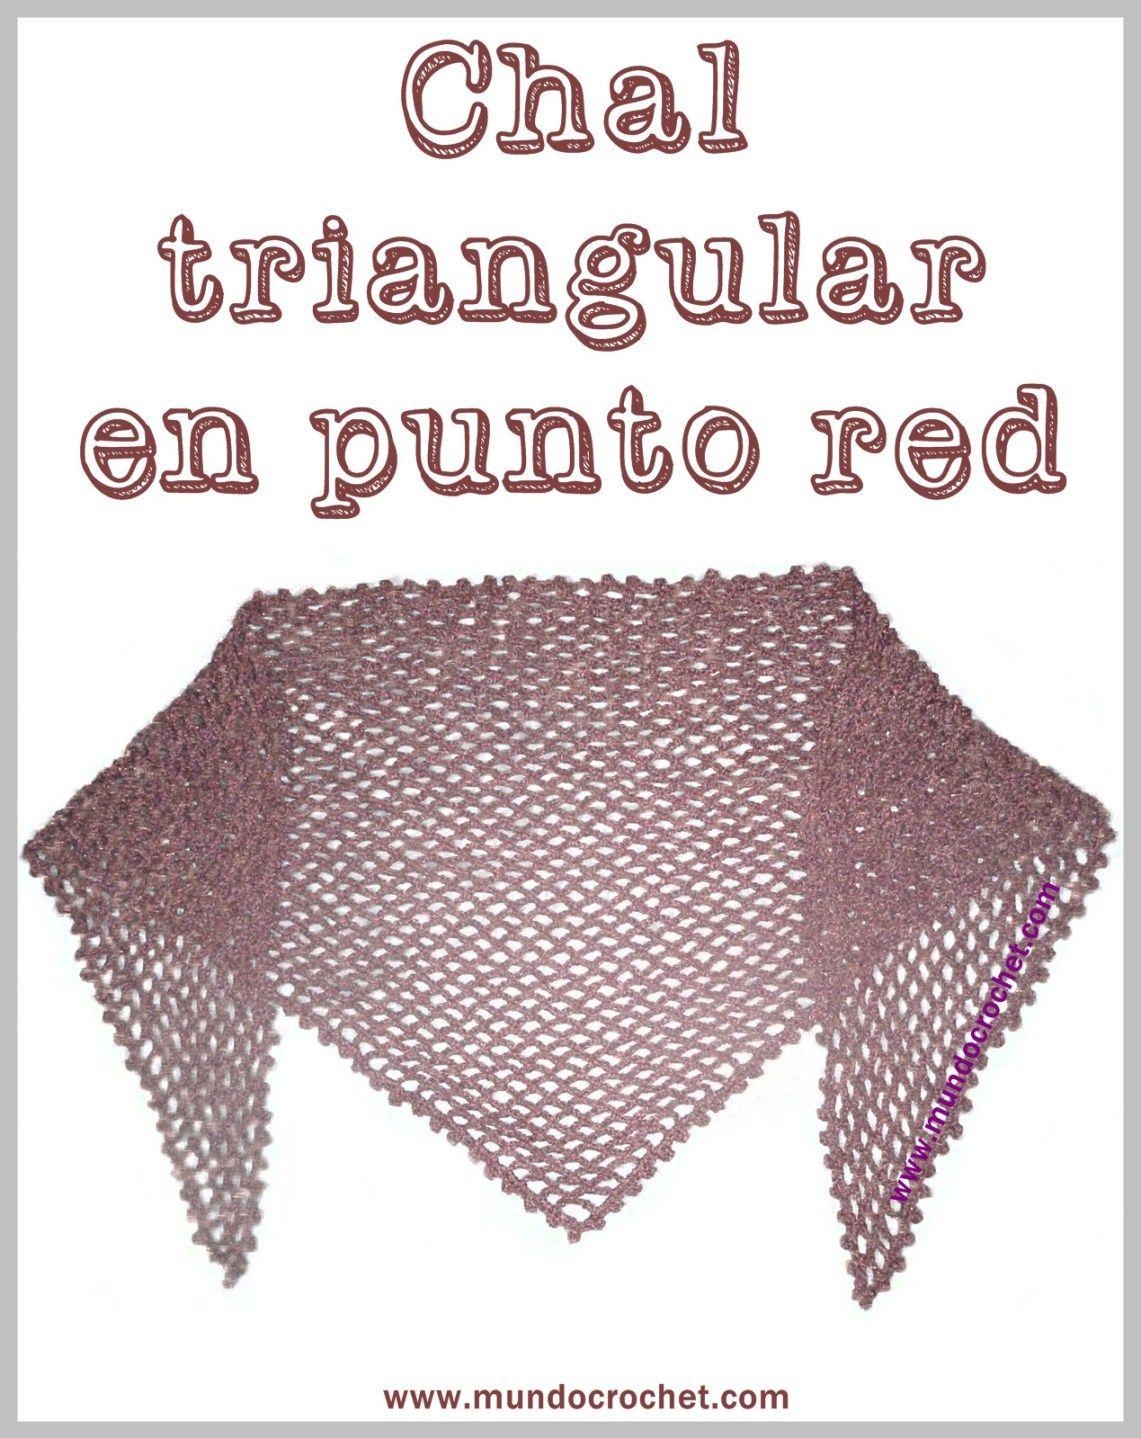 Patron chal triangular en punto red a crochet o ganchillo | Patrones ...